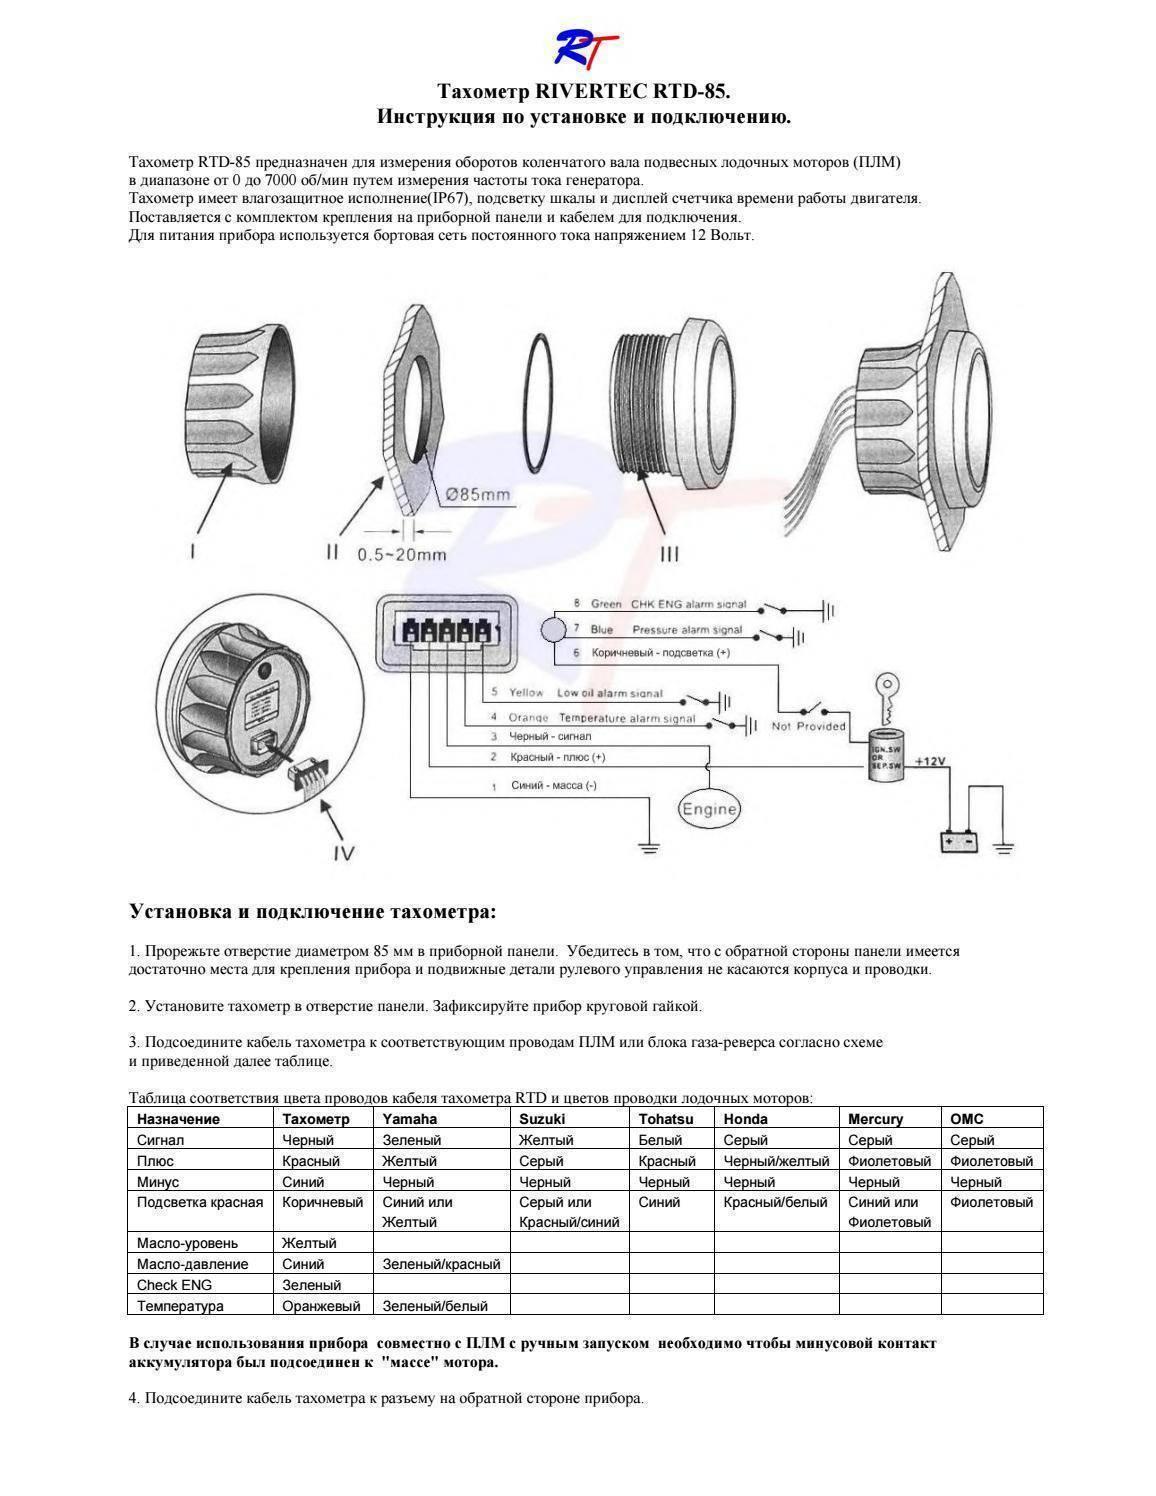 Электронный цифровой тахометр для лодочного мотора.